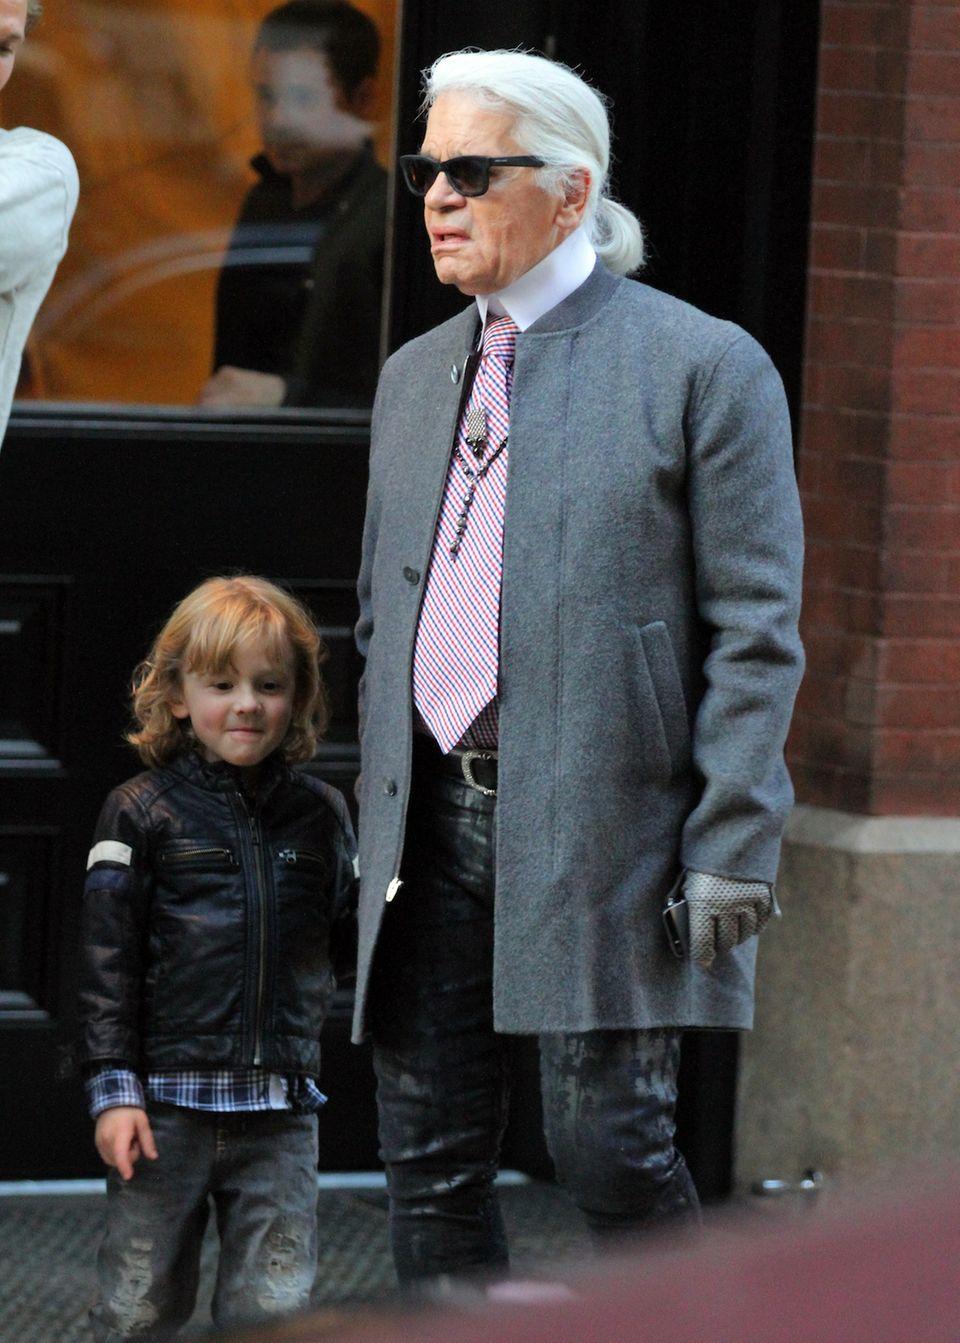 Patenonkel mit Leidenschaft: Karl Lagerfeld, kümmert sich liebevoll um den fünfjährigen Hudson, Sohn des Models Brad Kroenig. Bei den Schauen des Designers sitzt der Kleine in der ersten Reihe.